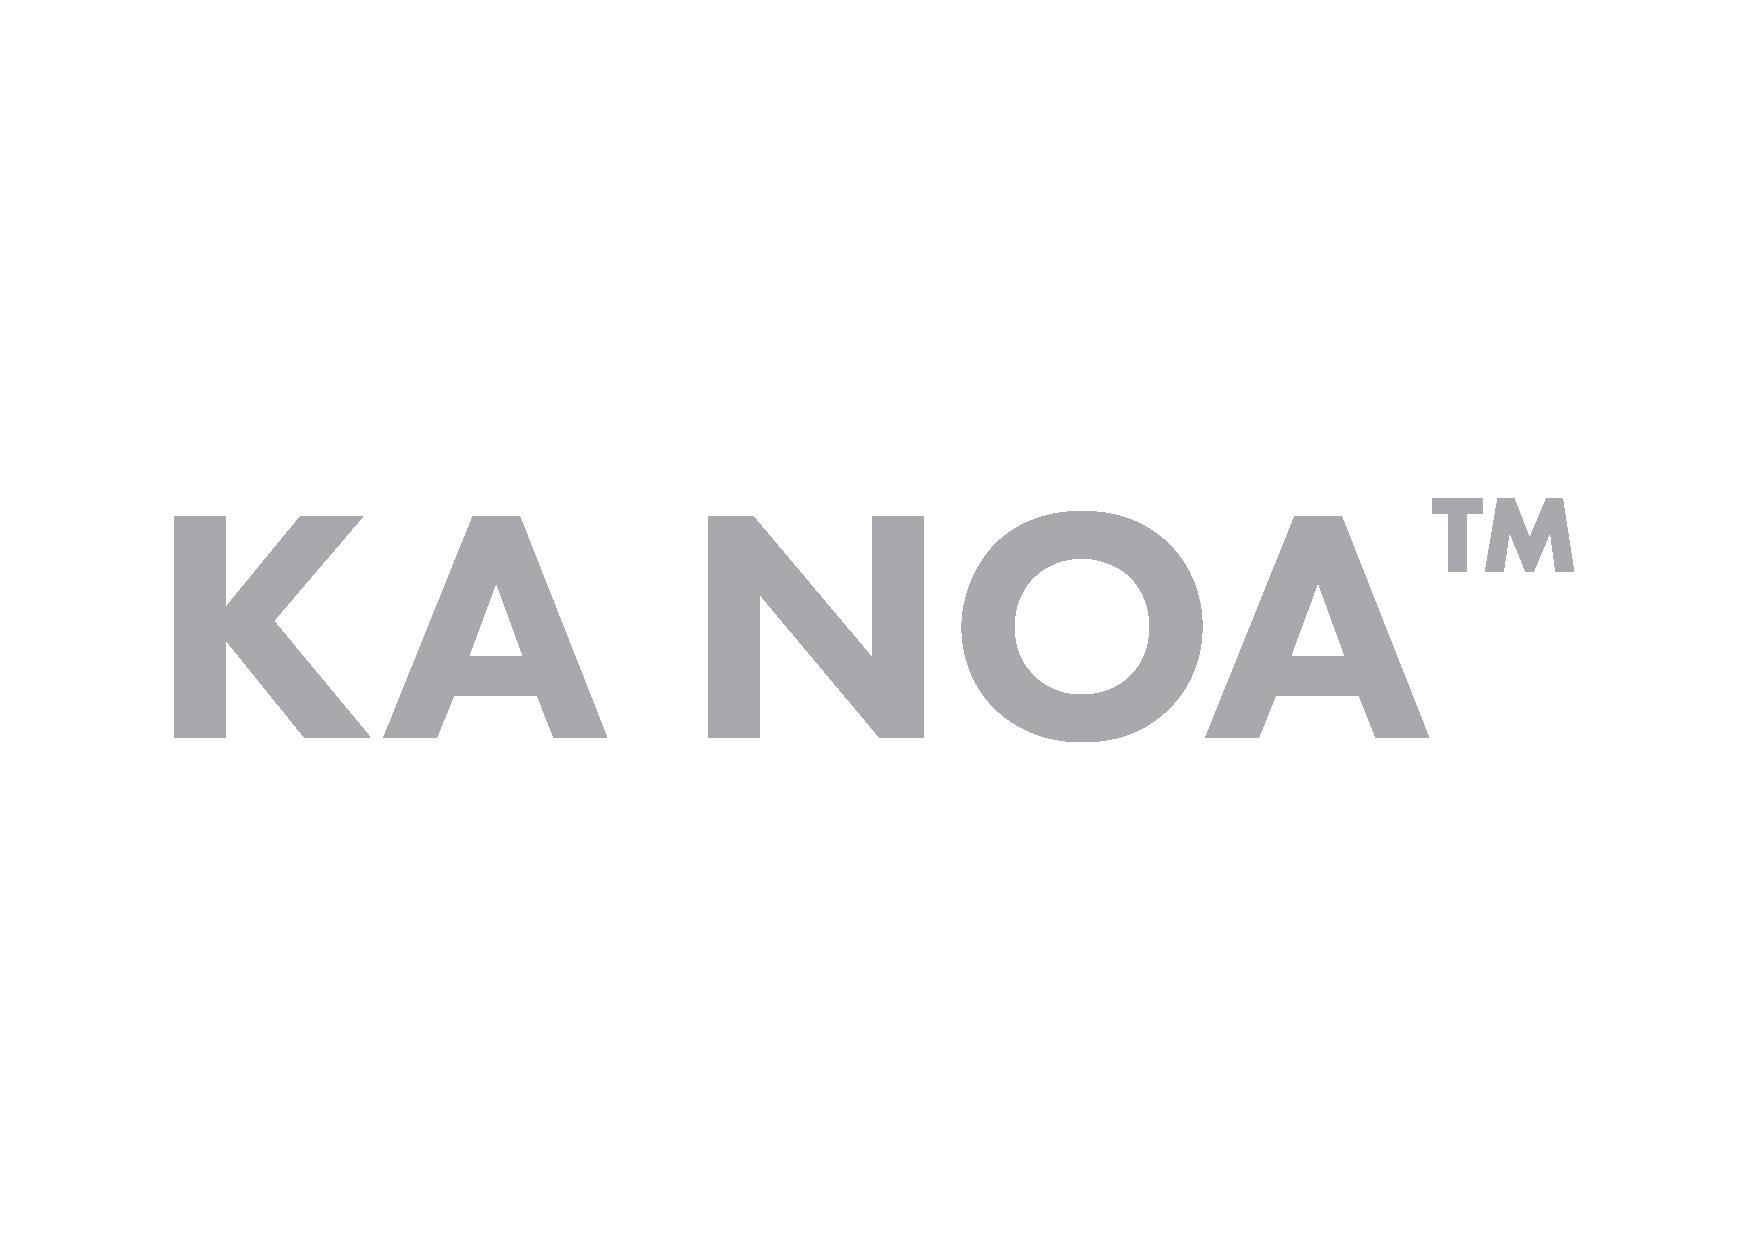 Ka Noa.png